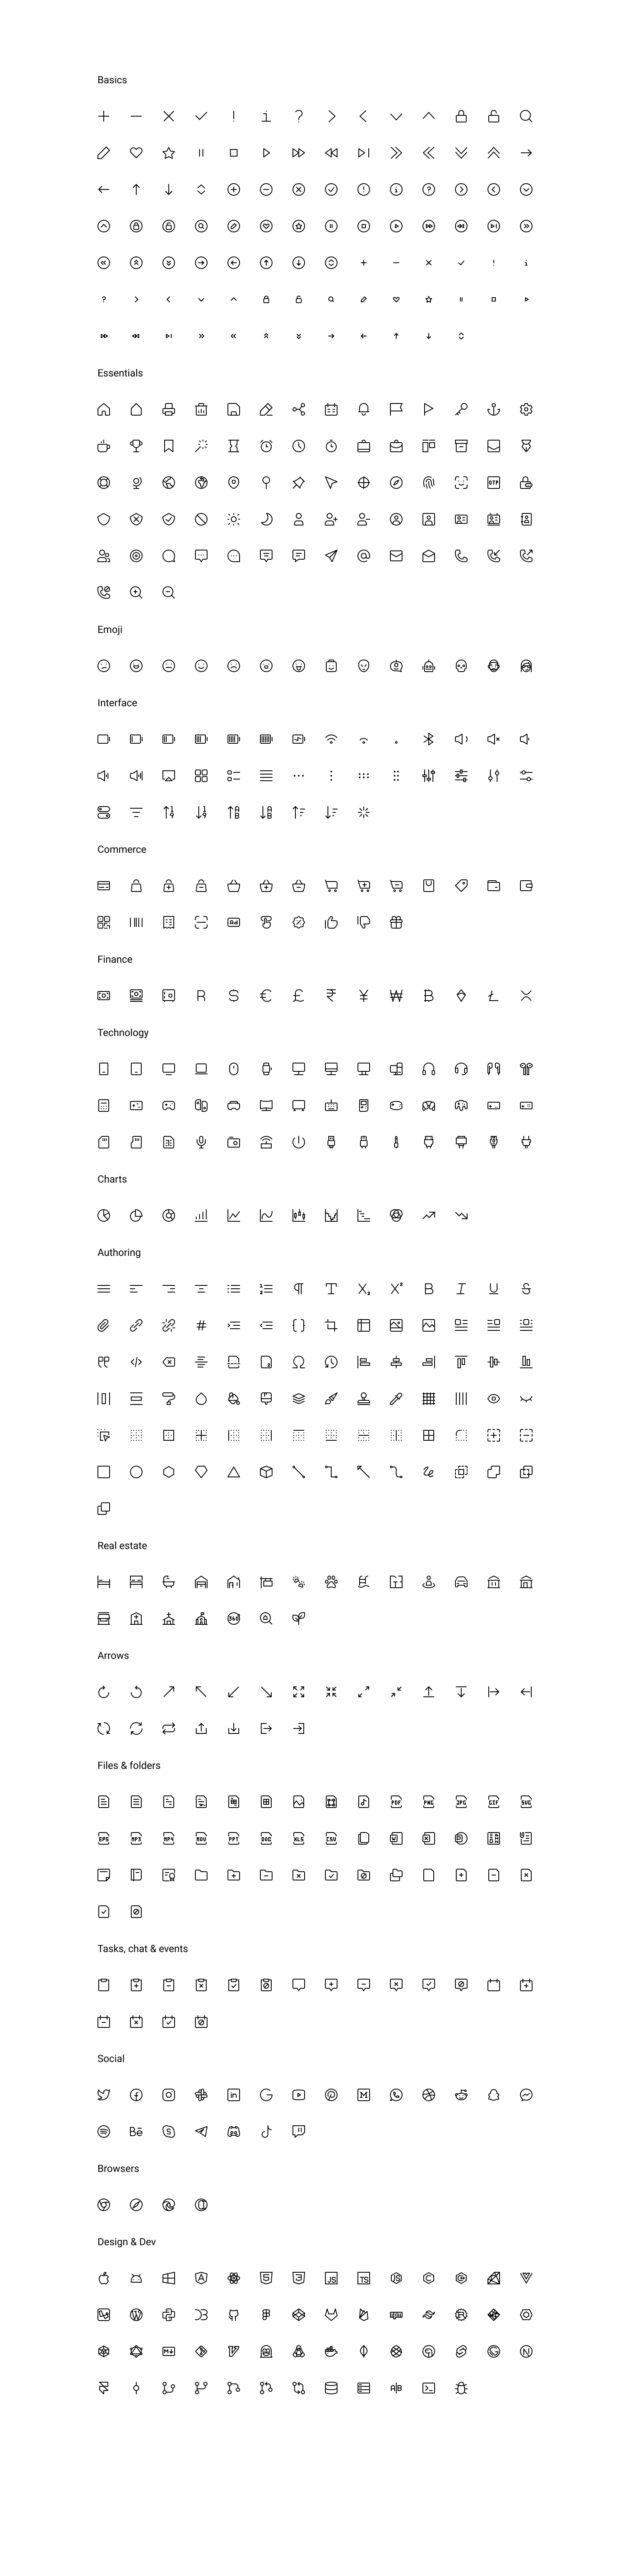 Teenyicons-免费图标集插图